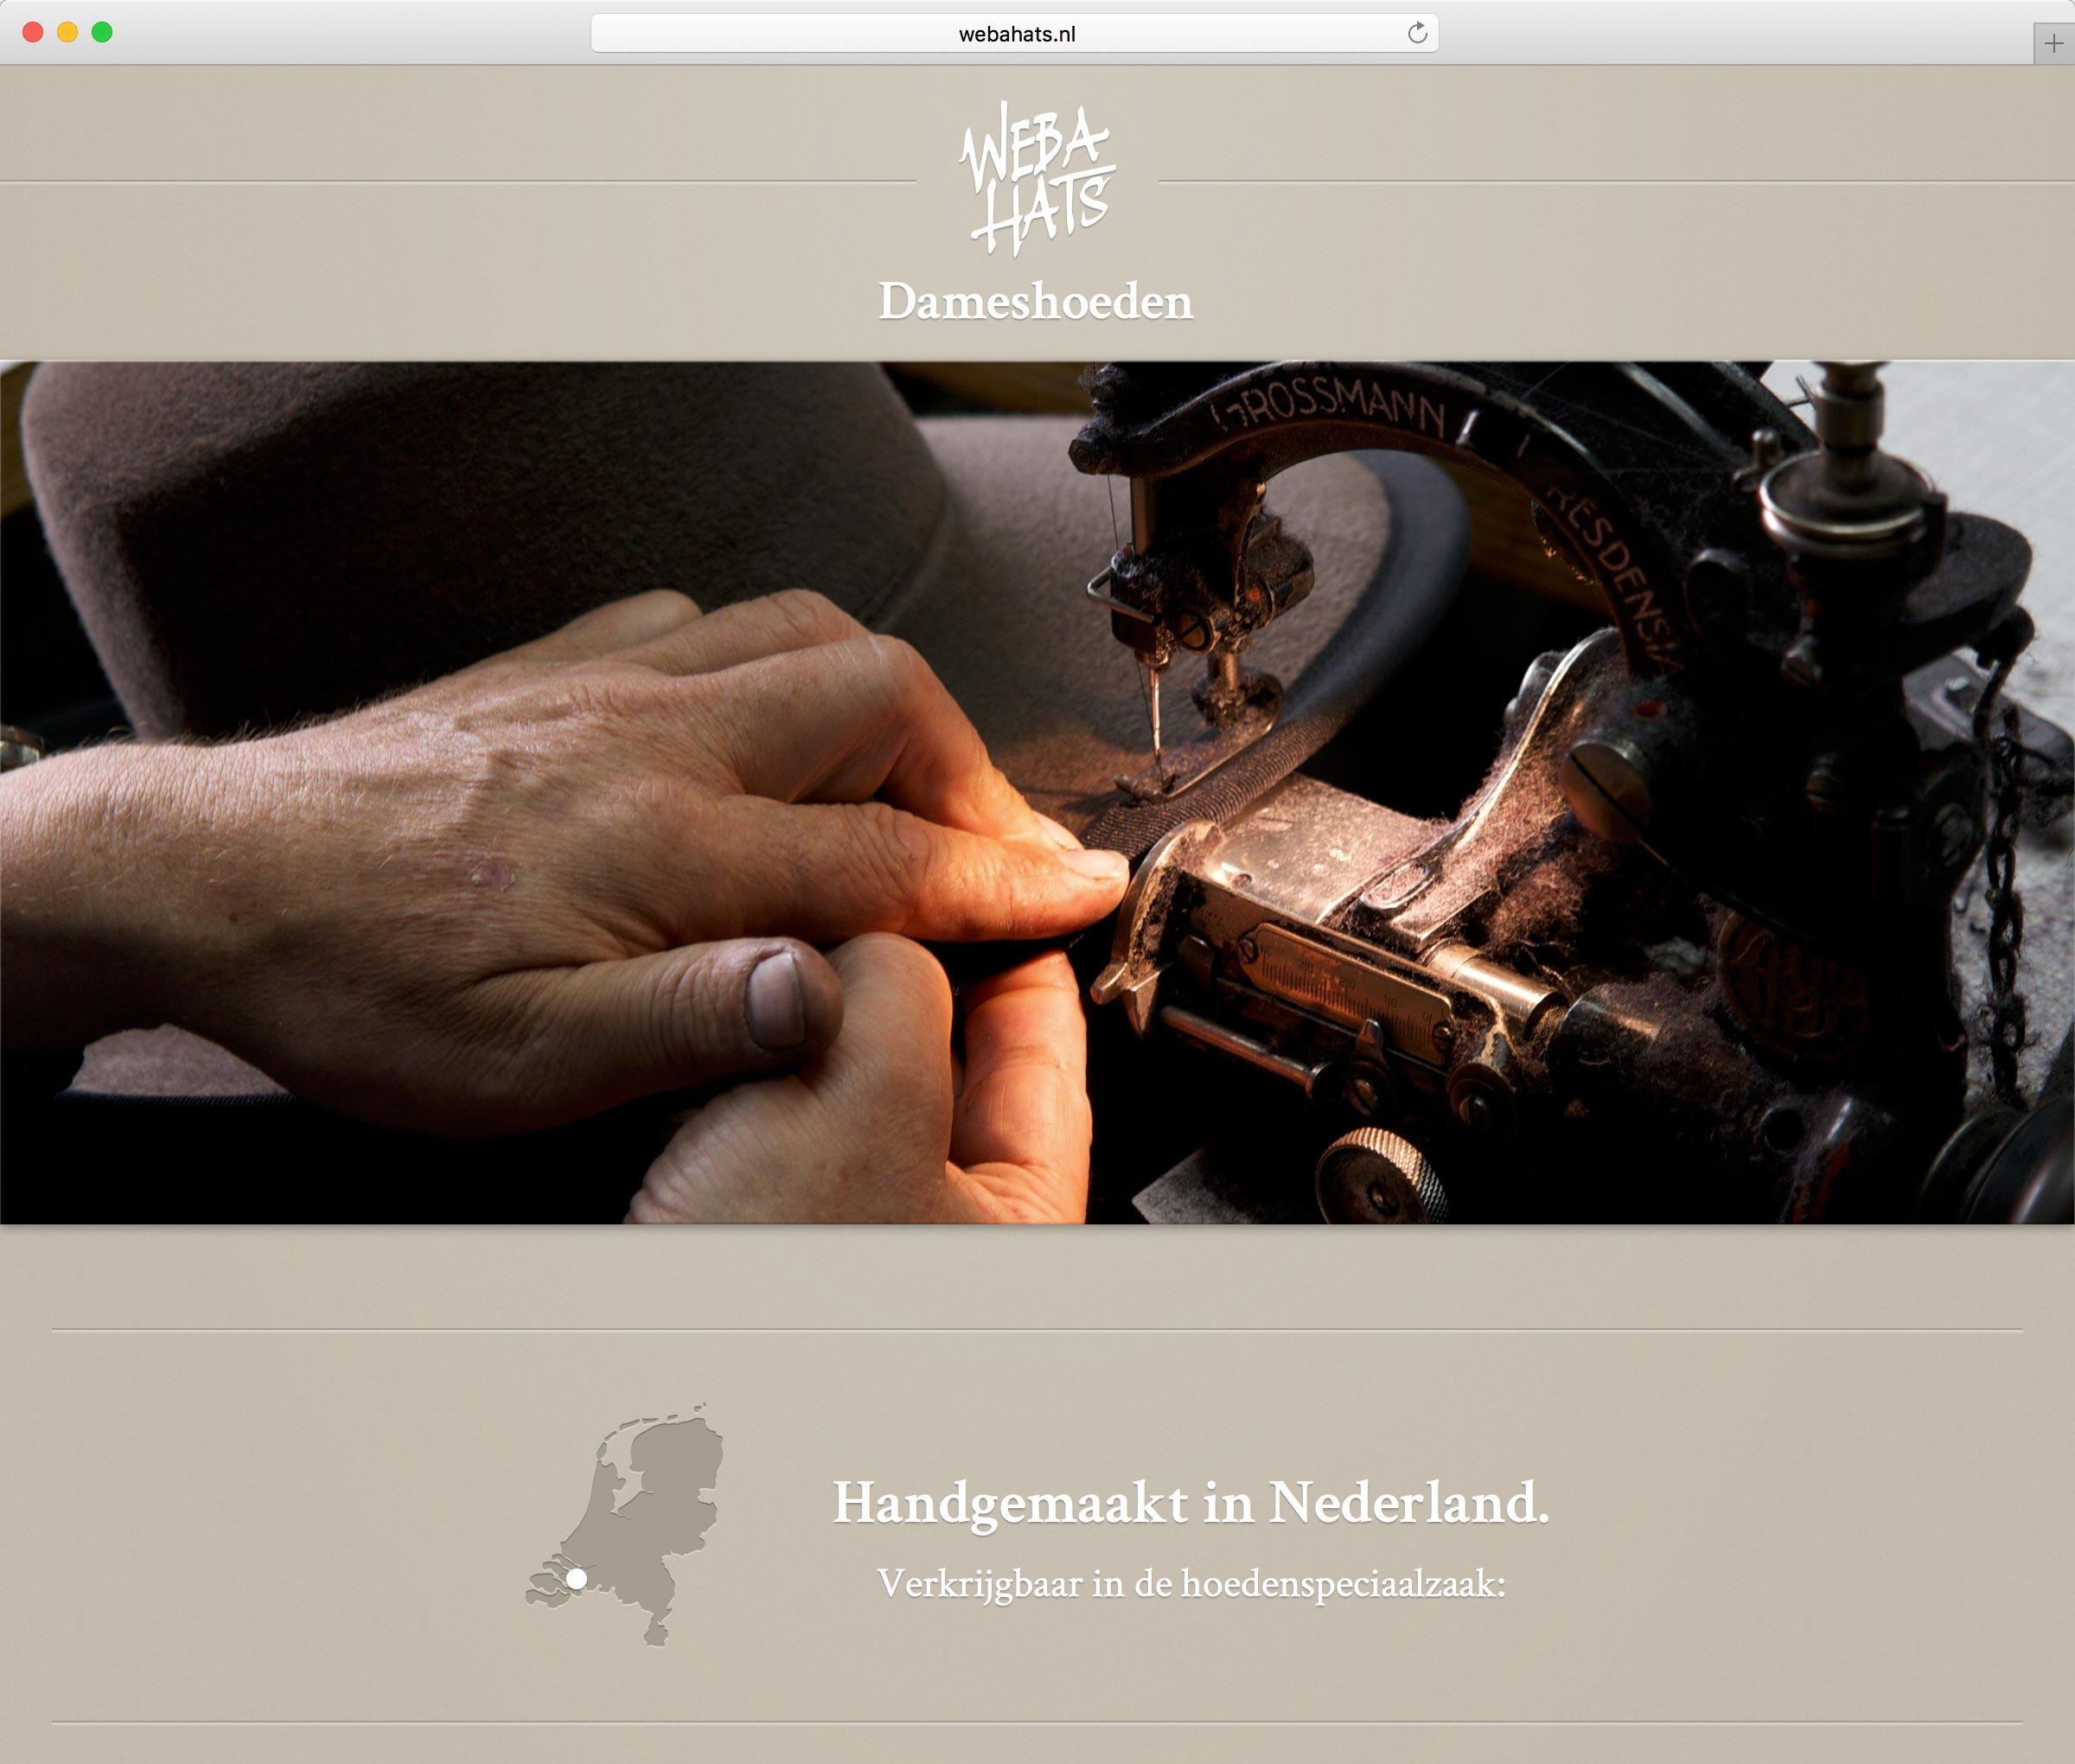 webahats.nl home page